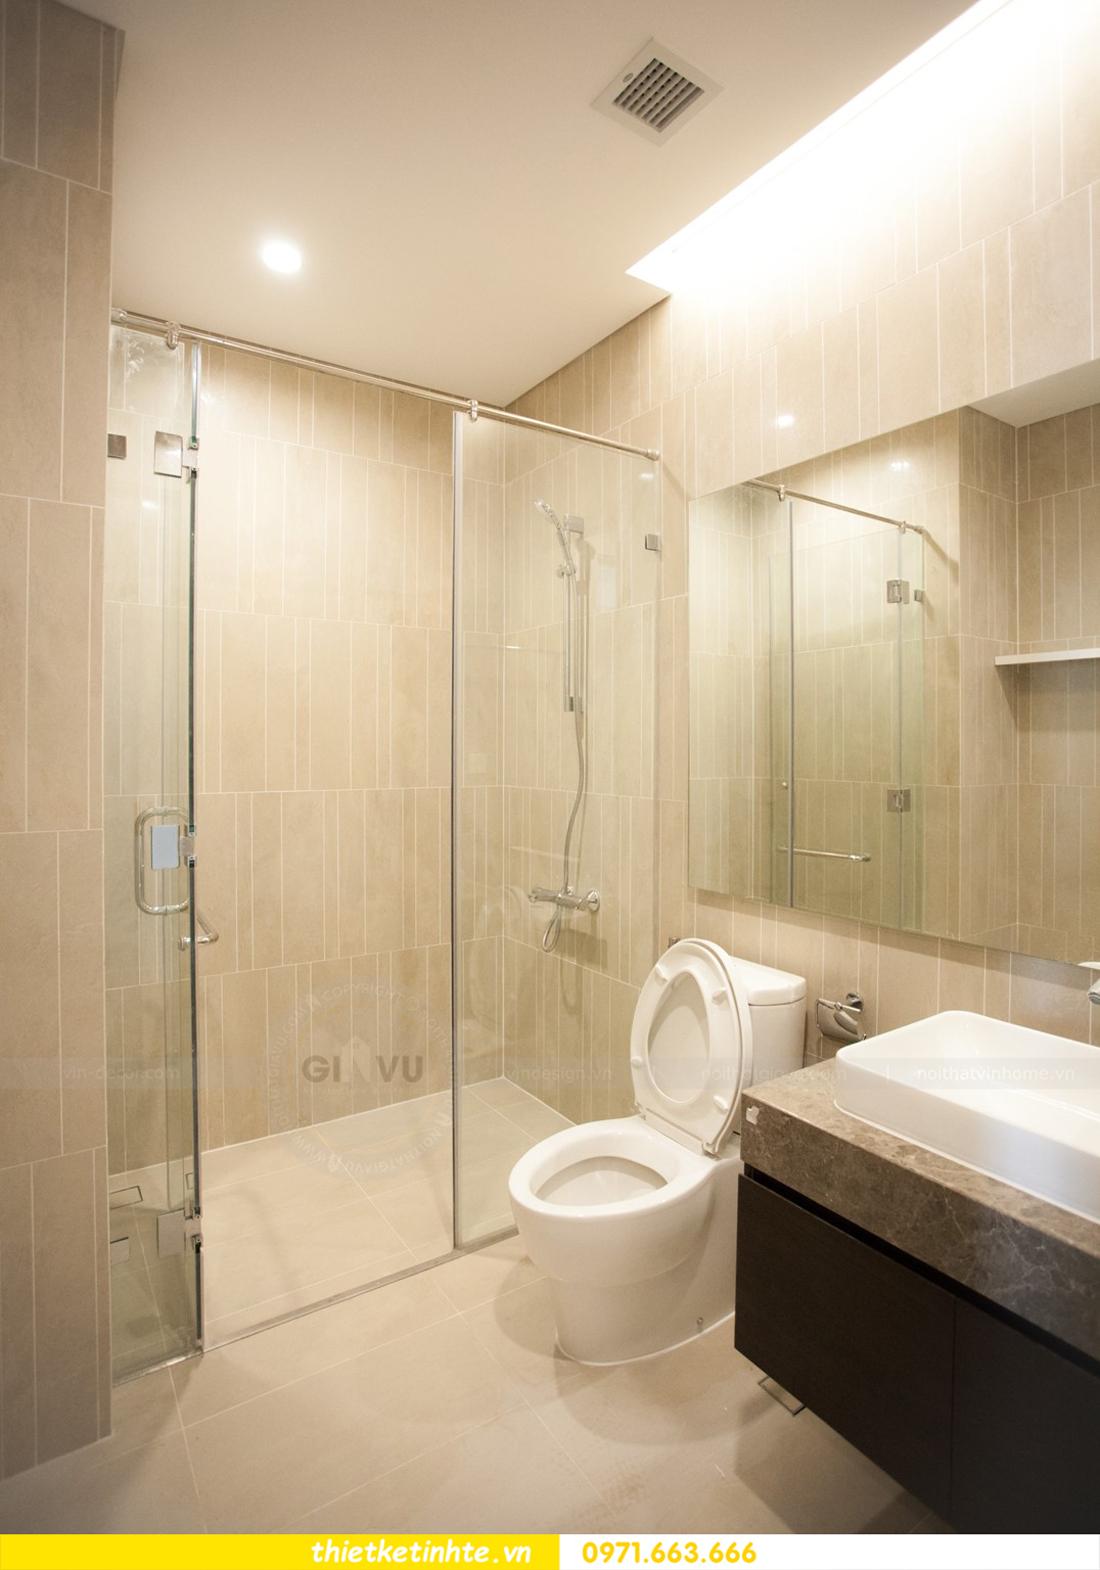 thi công nội thất chung cư trọn gói căn hộ 1105 tòa S2 69B Thụy Khuê 09